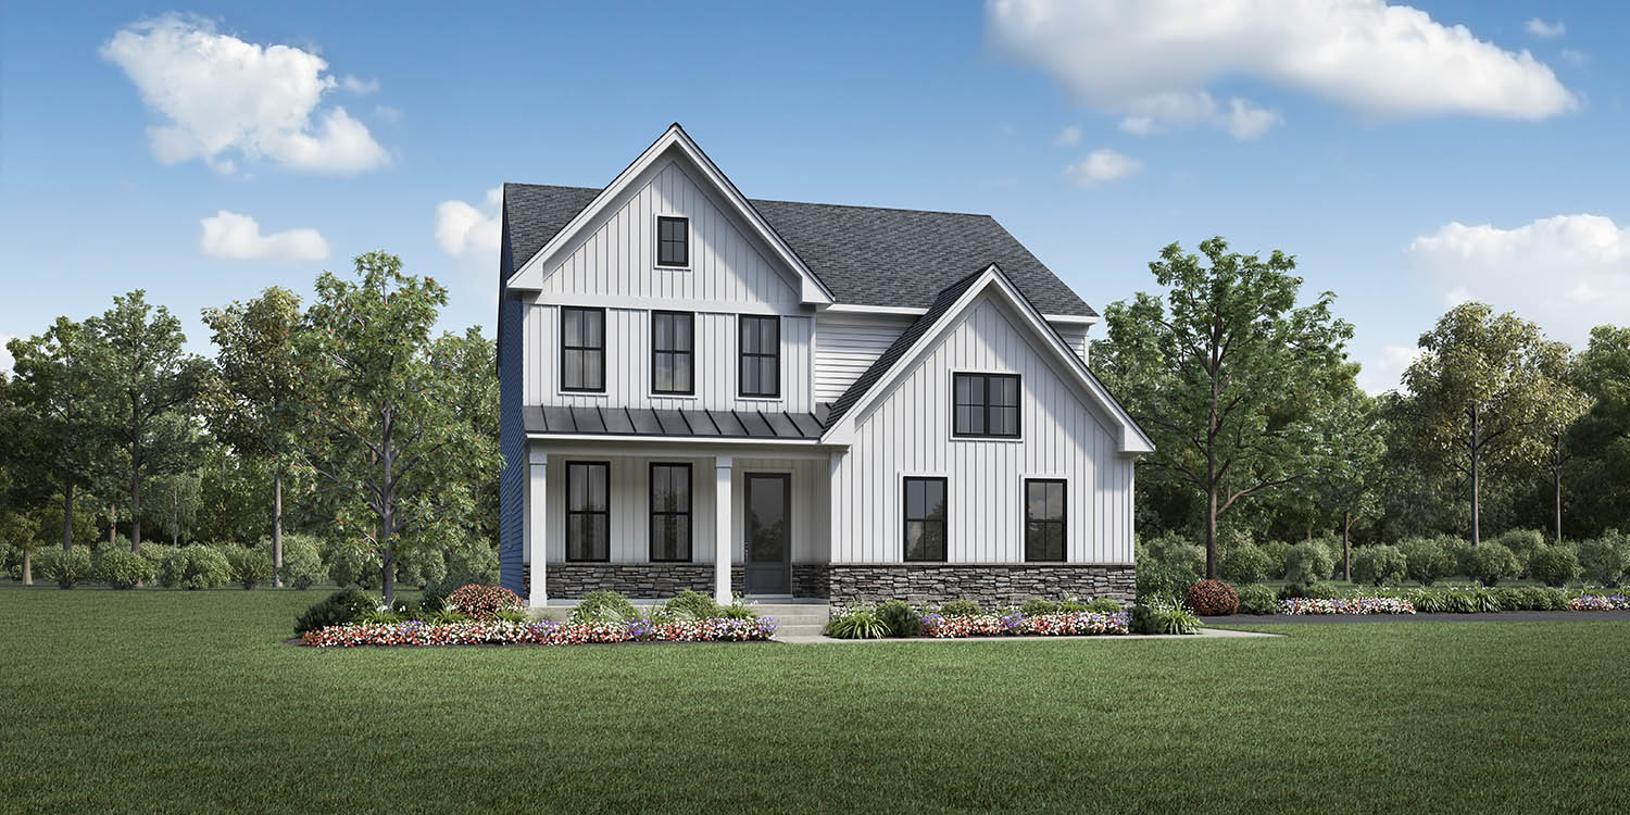 Wyncote - Modern Farmhouse